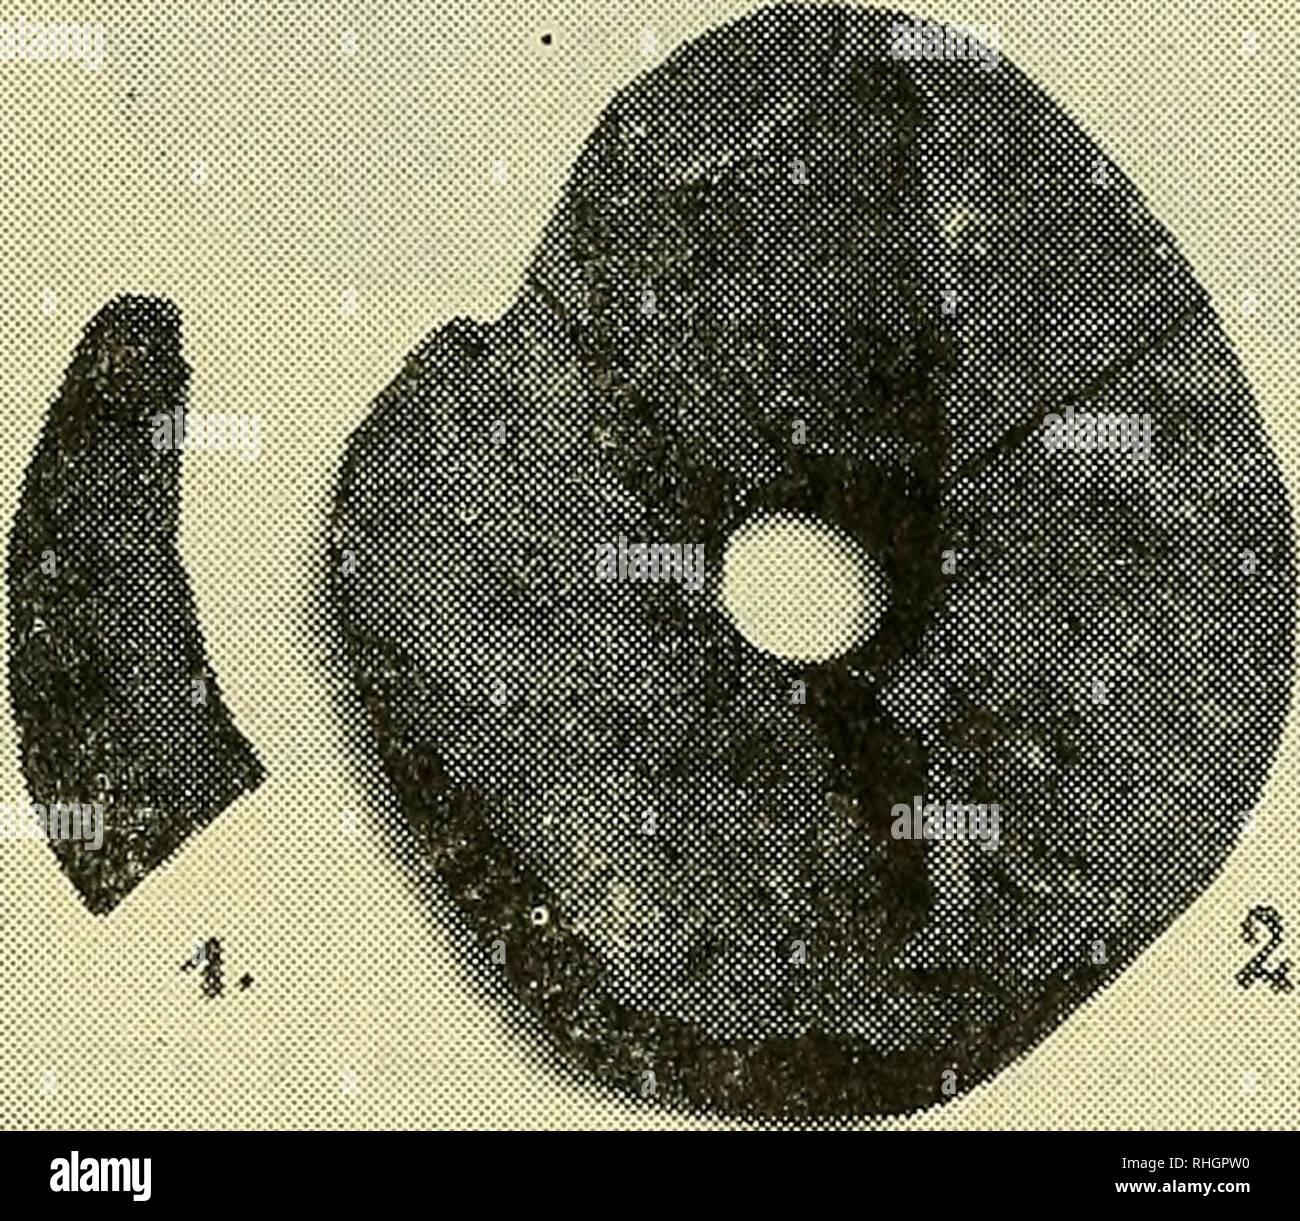 """. Boletin de la Sociedad de Biología de Concepción. Sociedad de Biología de Concepción; Biology; Biology. FIGURA 1. (Anruelos de piedra). MANGAI MAEA (anzuelos de piedra), llamados también MANGAI KAHI, (KAHI indica Atún o Tuna íish) para la pesca del ATÚN. 1) fragmento pulido correspondiente a la punta y 2) fase de elaboración inicial en una piedra horadada. Estos anzuelos de piedra fueron después reemplazados por los MANGAI IVl TANGNATA. La hechura y el pulimento de estos MANGAI de piedra son de perfección insuperable y han merecido el gran elogio de hombres de ciencia. Beasley dice: """"Es - Stock Image"""